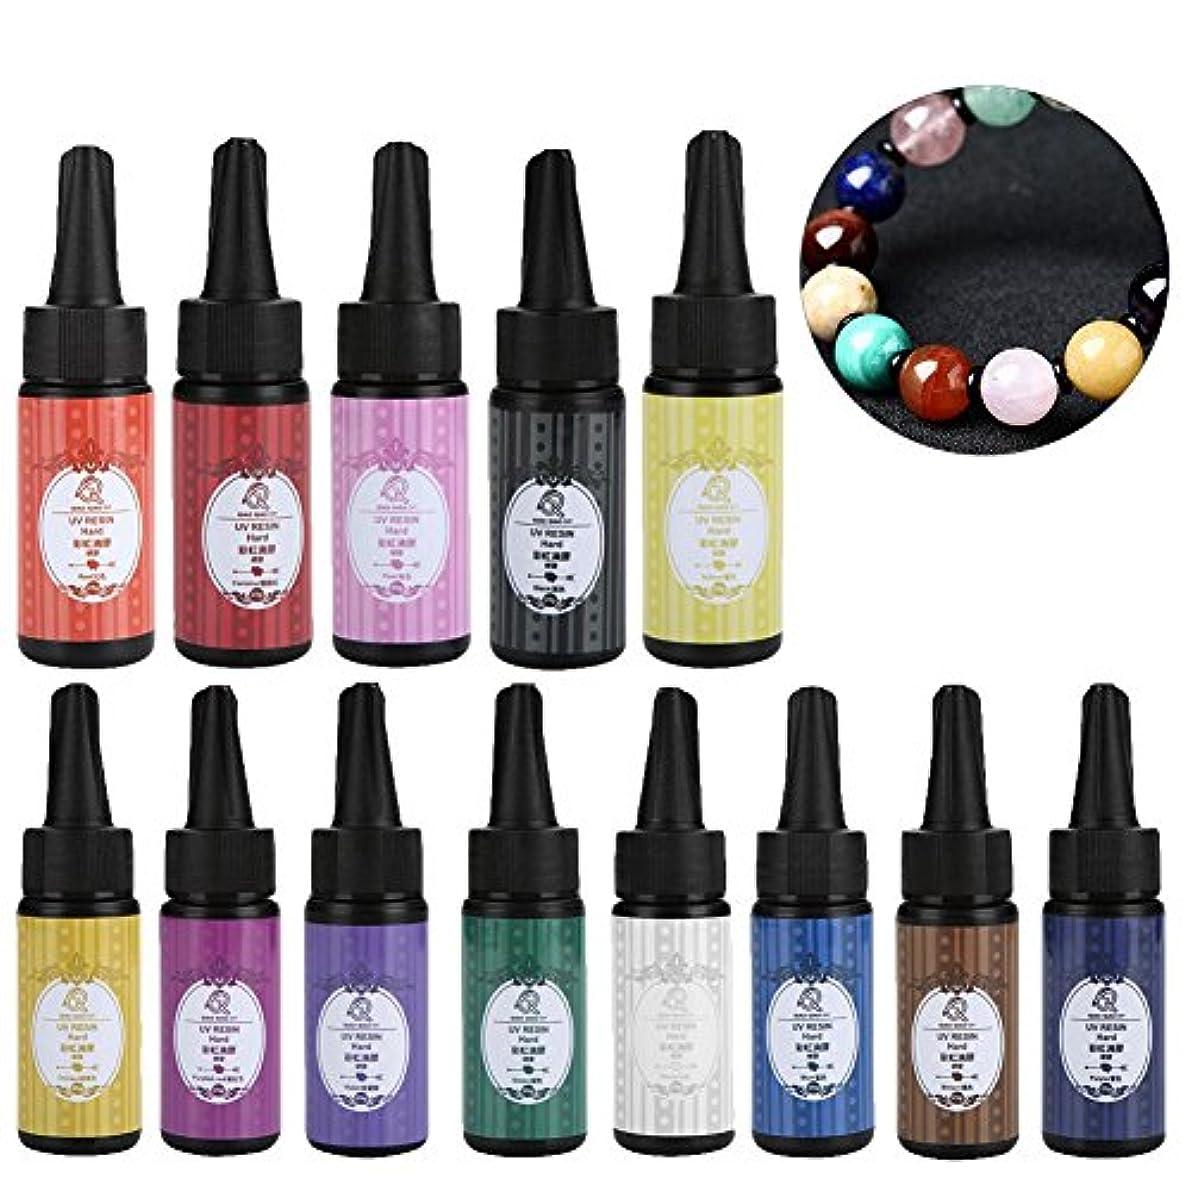 酸度ビジョン白雪姫ピグメントUVジェル、シリコーン金型ジュエリー 樹脂 紫外線紫色 ネイルアートクリスタル 接着剤 13個 DIY(13)